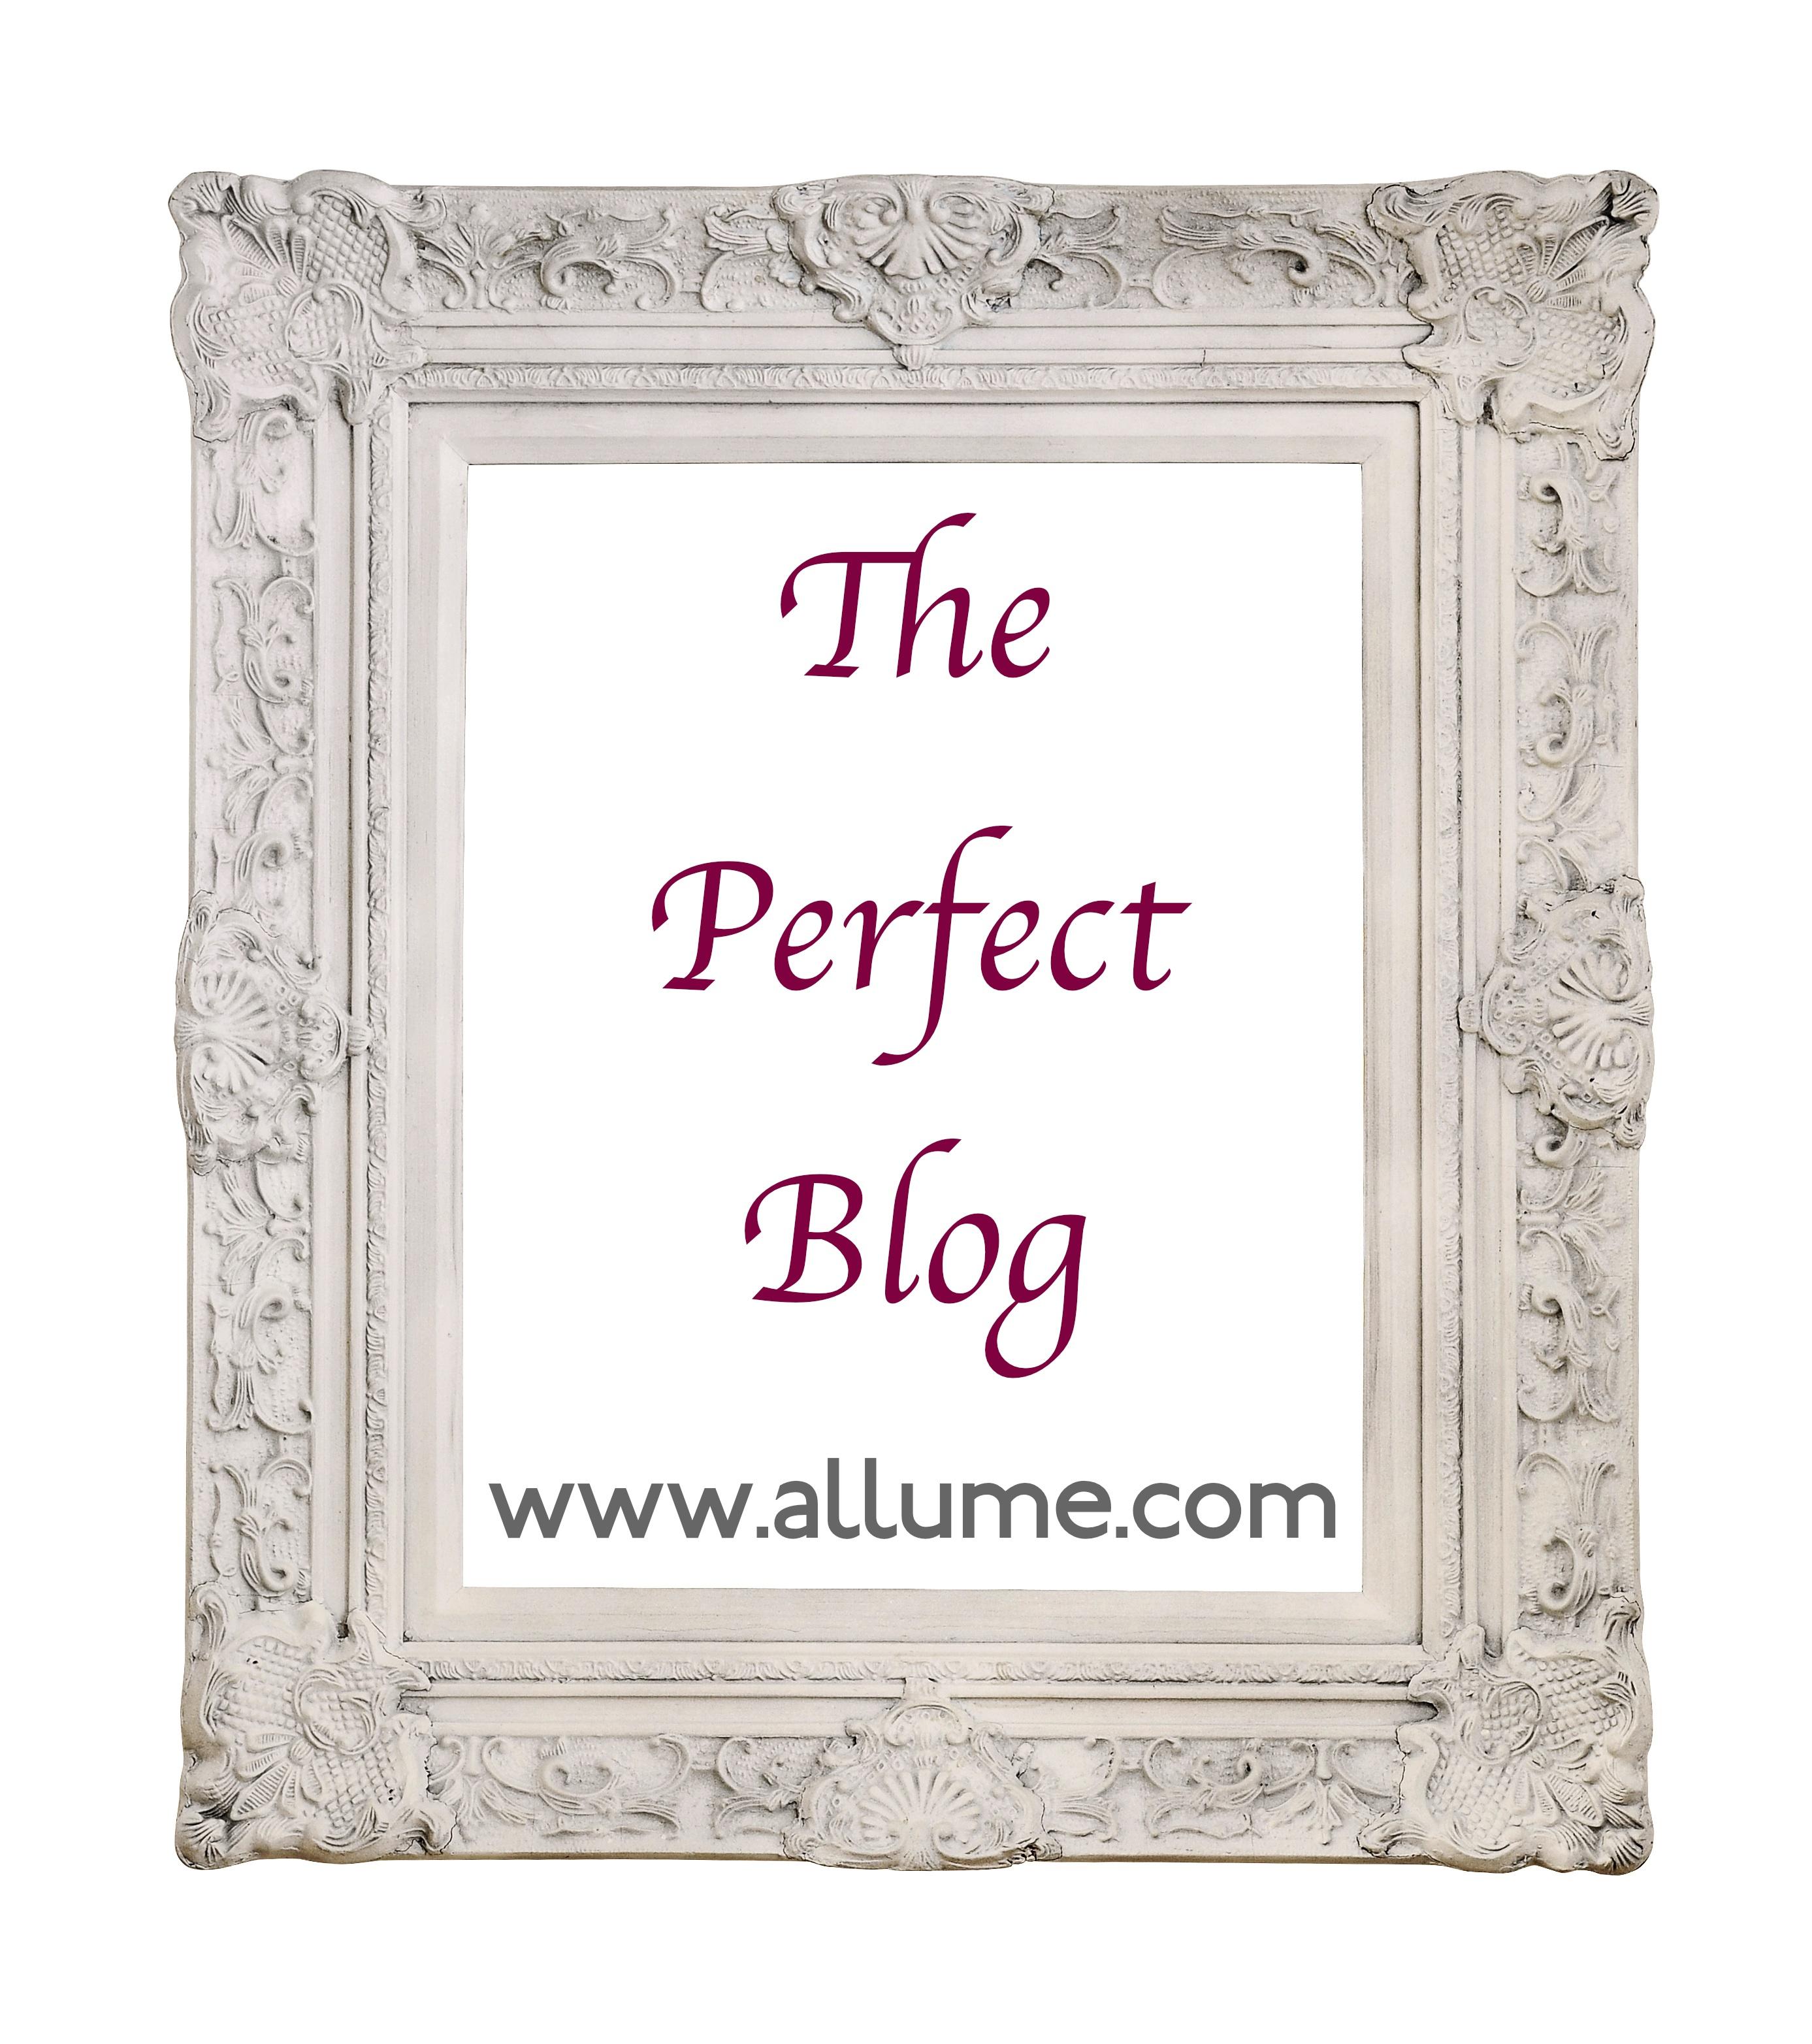 allume graphic - perfect blog